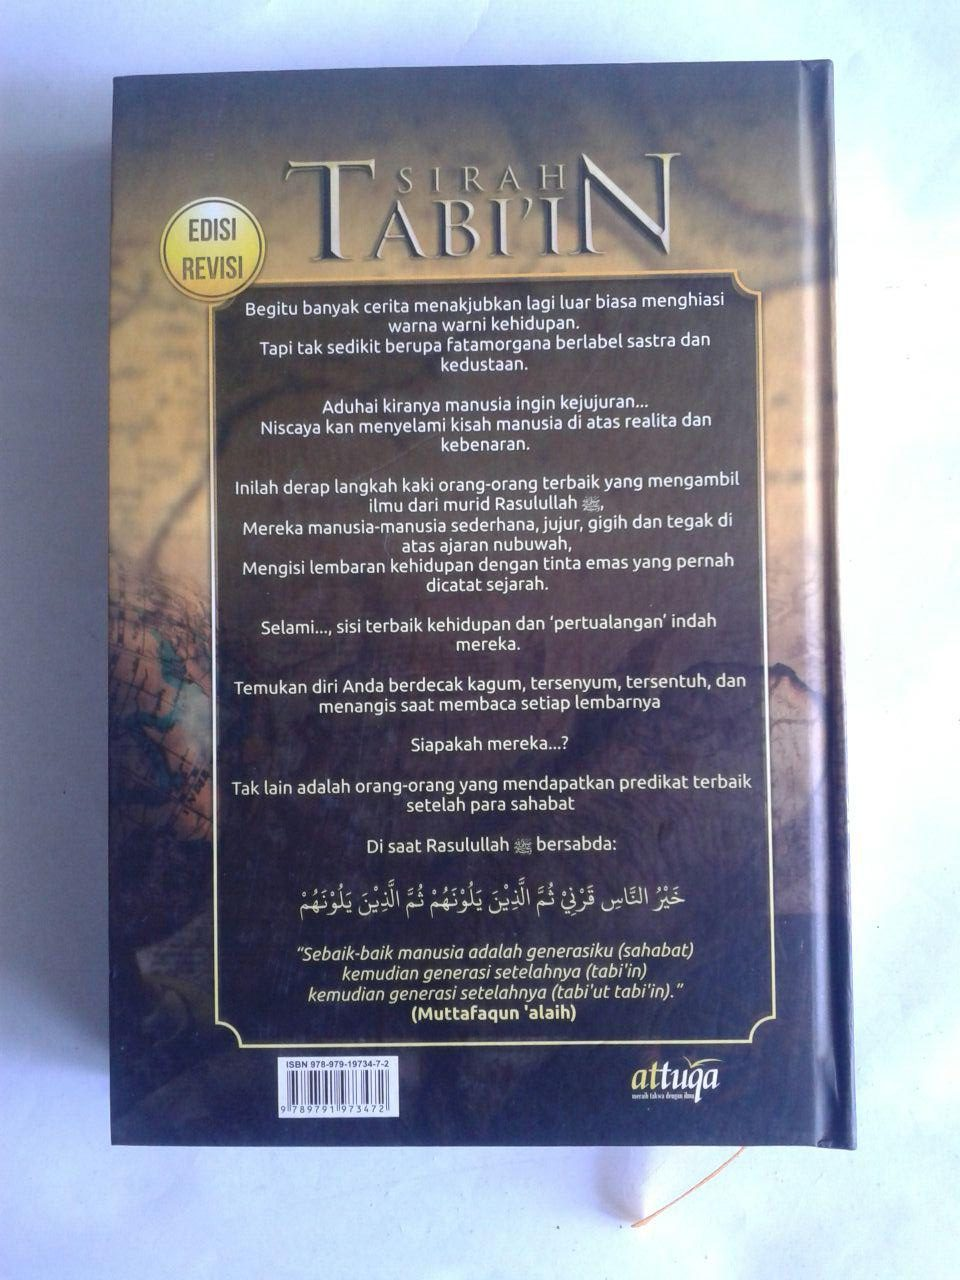 Buku Sirah Tabiin cover